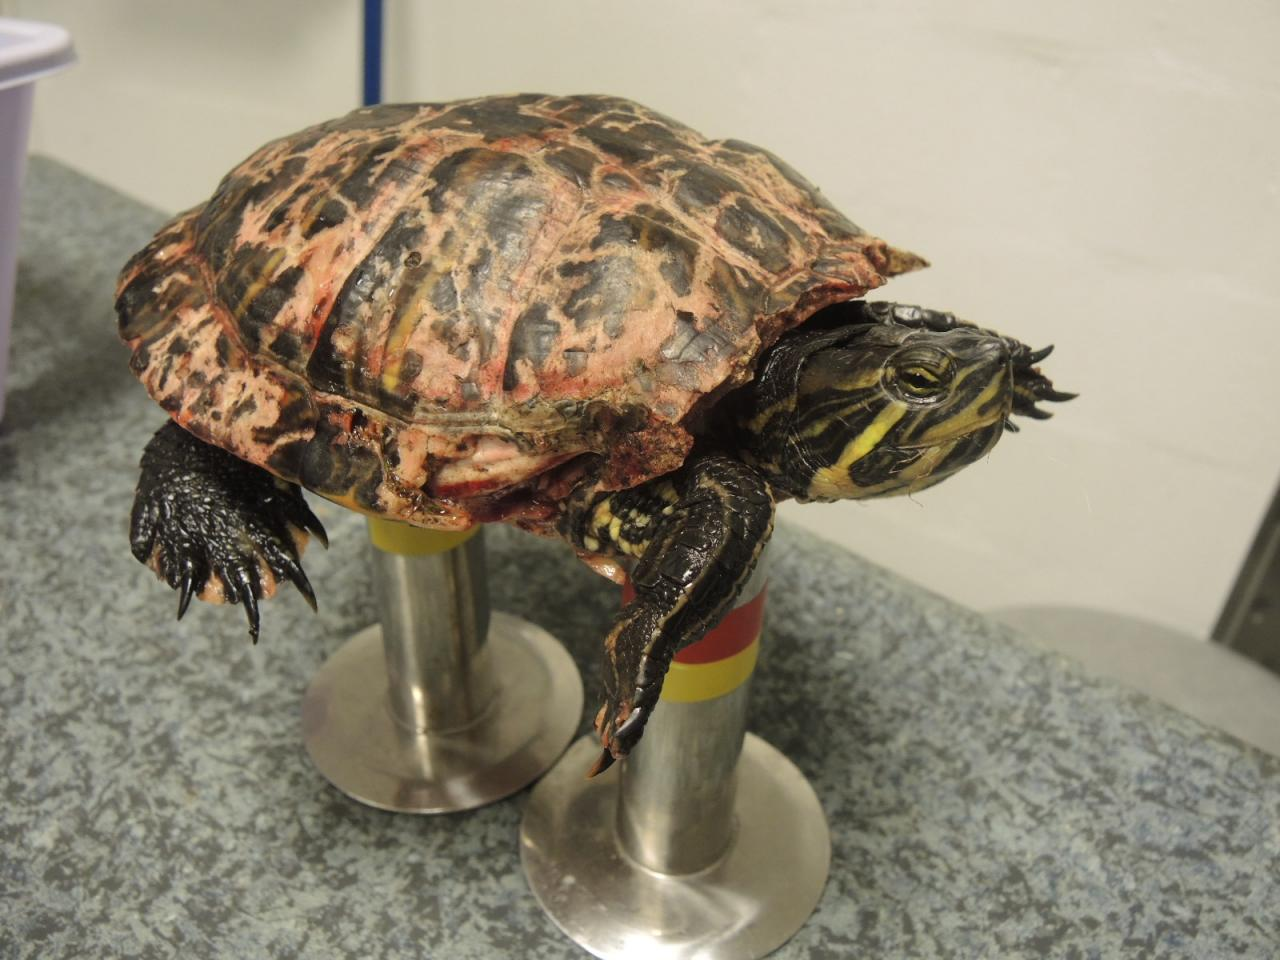 morsure de carapace chez une tortue d'eau